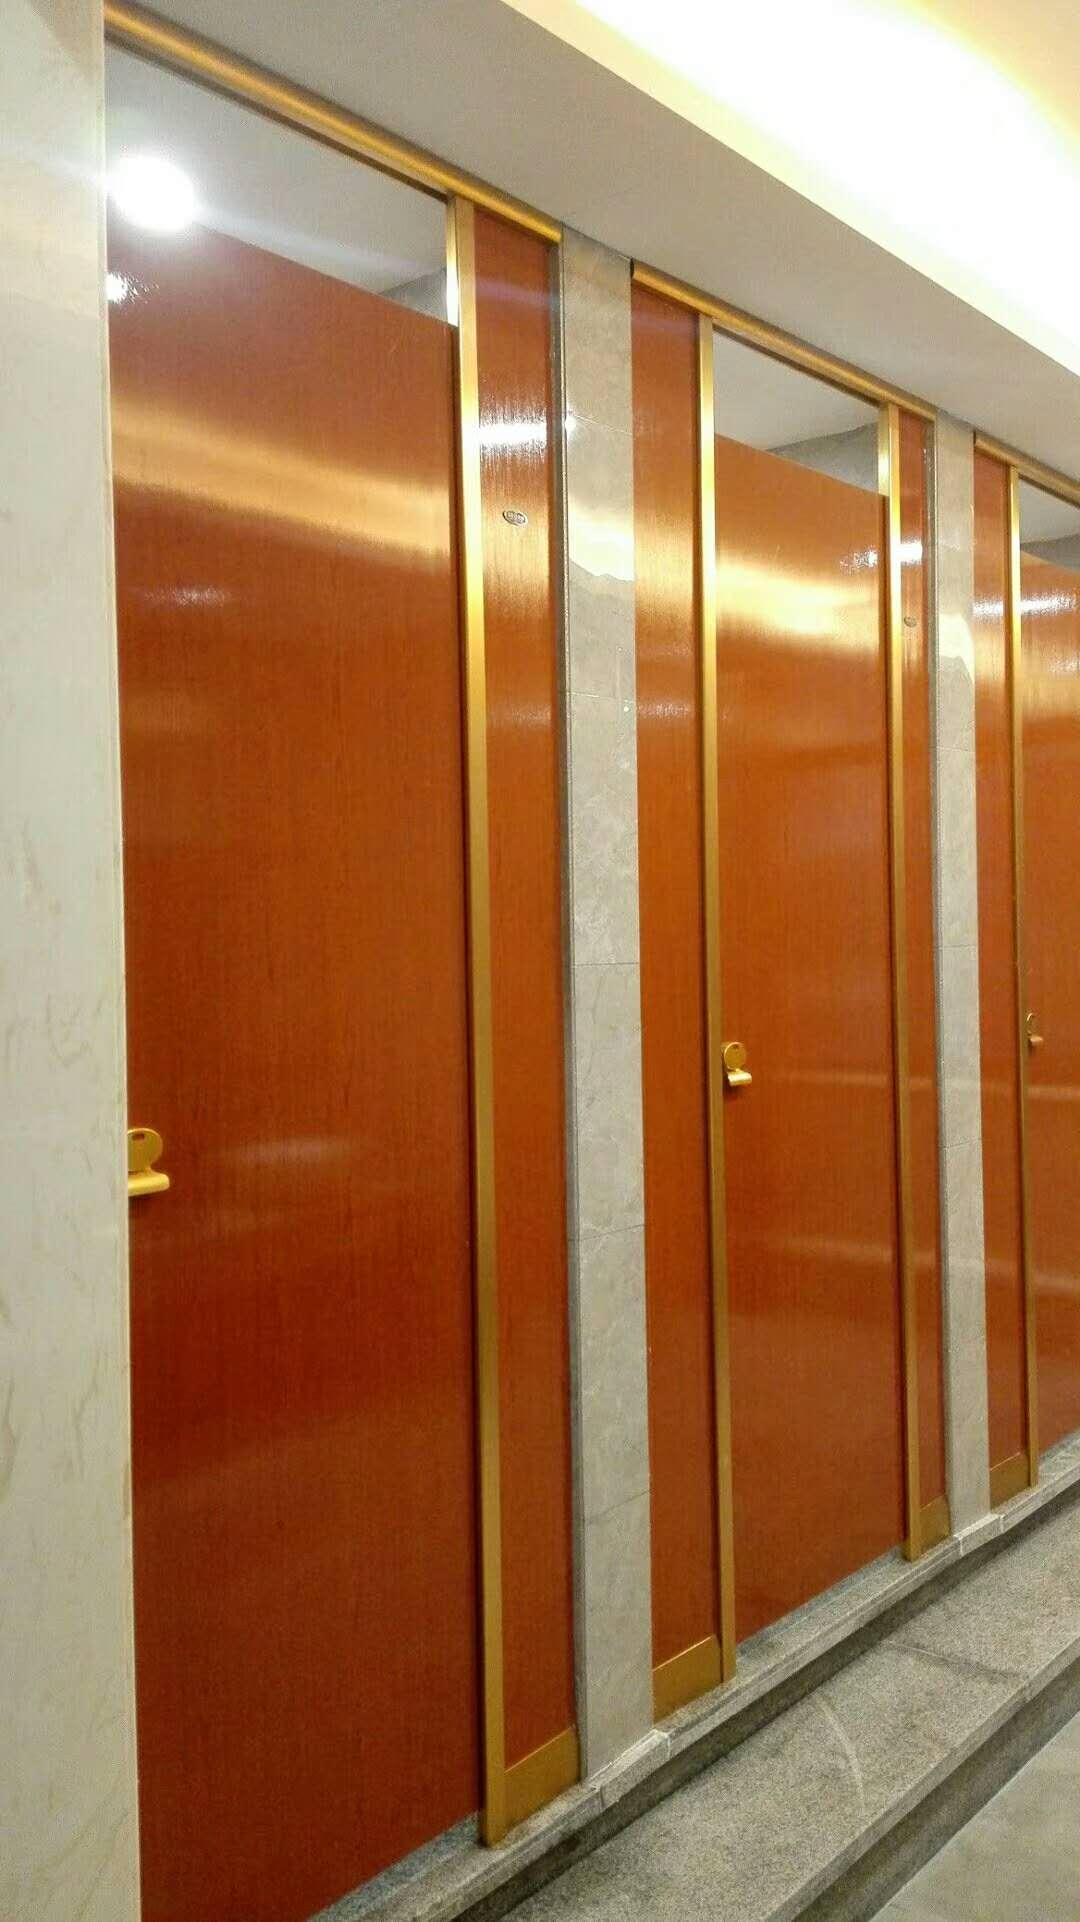 价格适中的卫生间隔断多层实木板推荐 -中国批售隔断板房